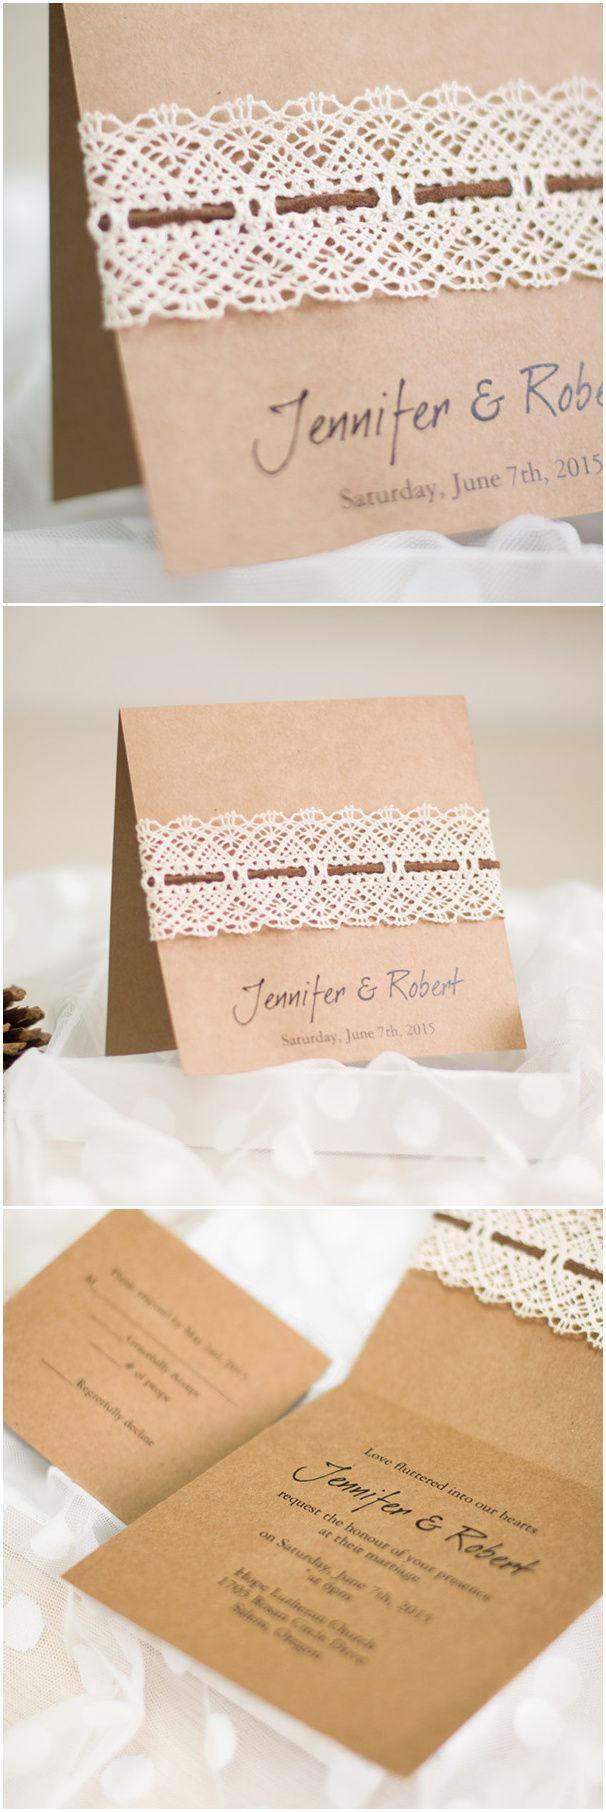 Vintage lace and burlap rustic diy wedding invitations wedding